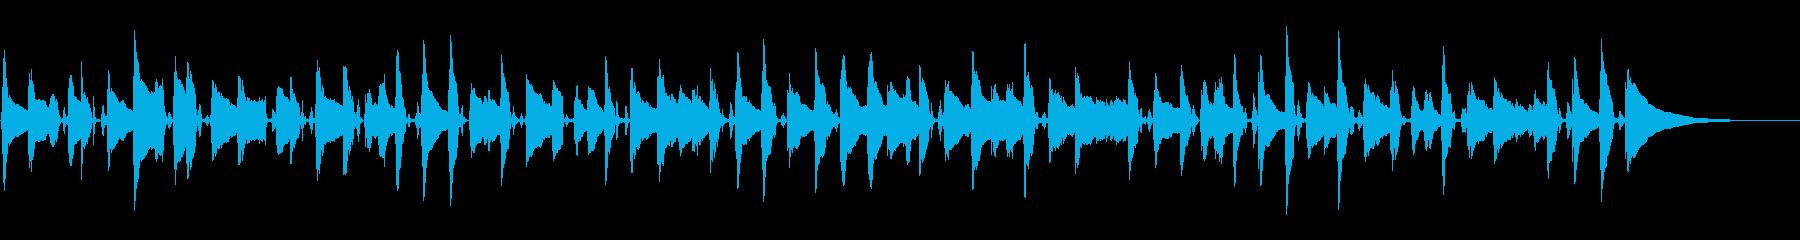 ほのぼのしたシーン。シンプルなアコギの音の再生済みの波形